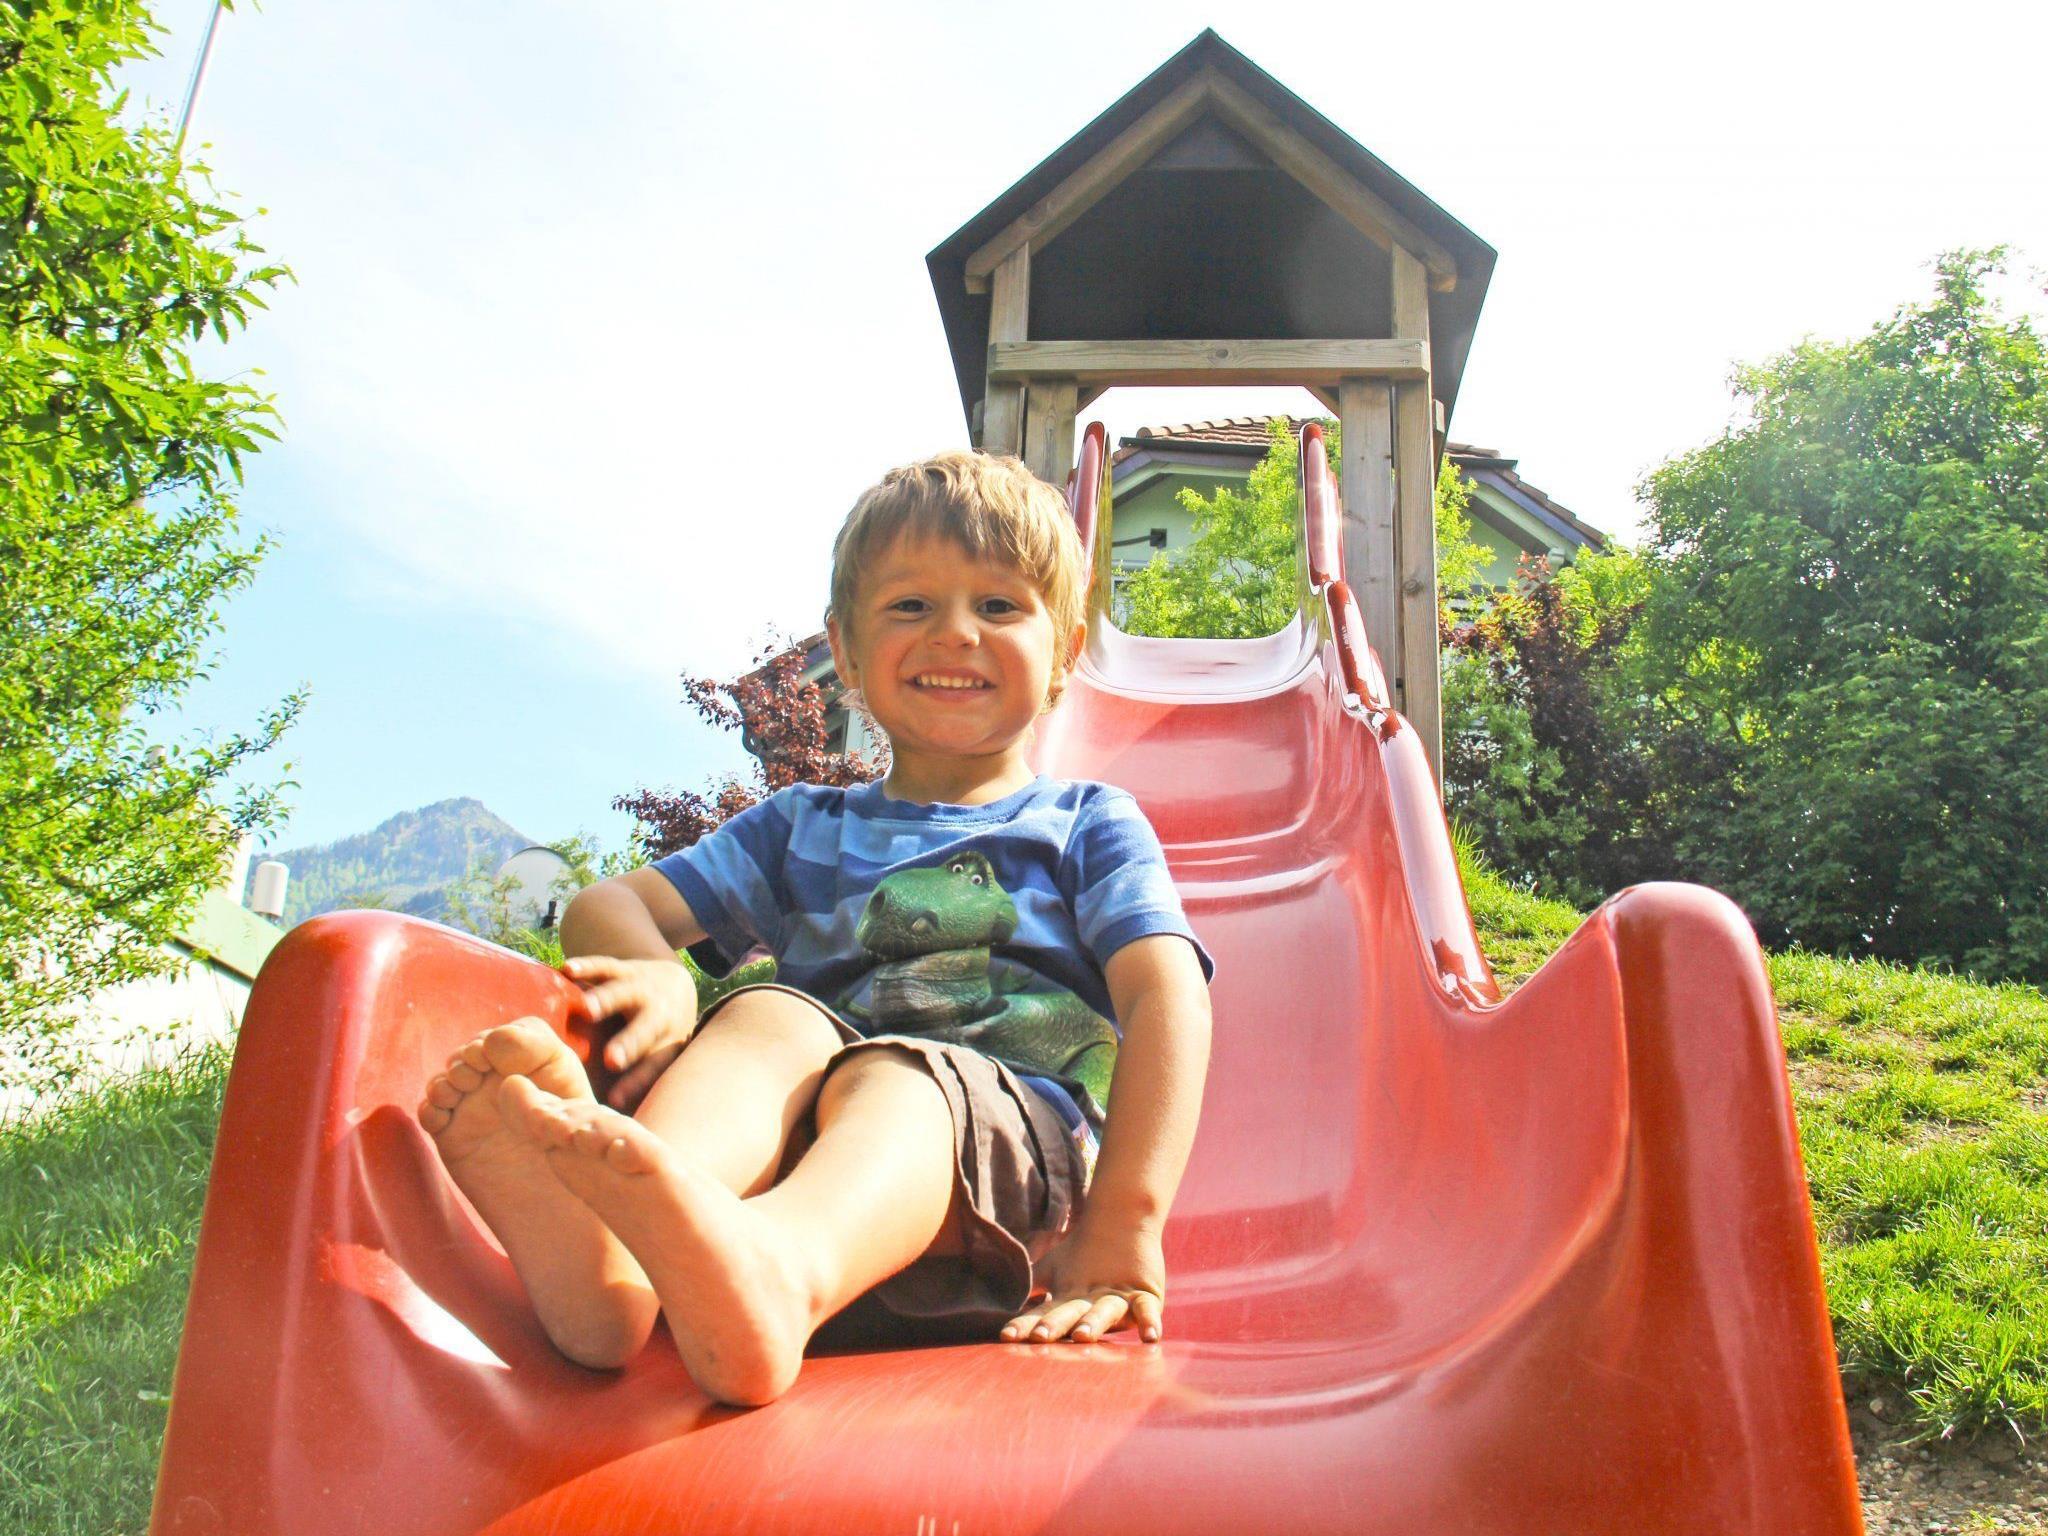 Der kleine Bryan Alessandro auf der Rutsche.